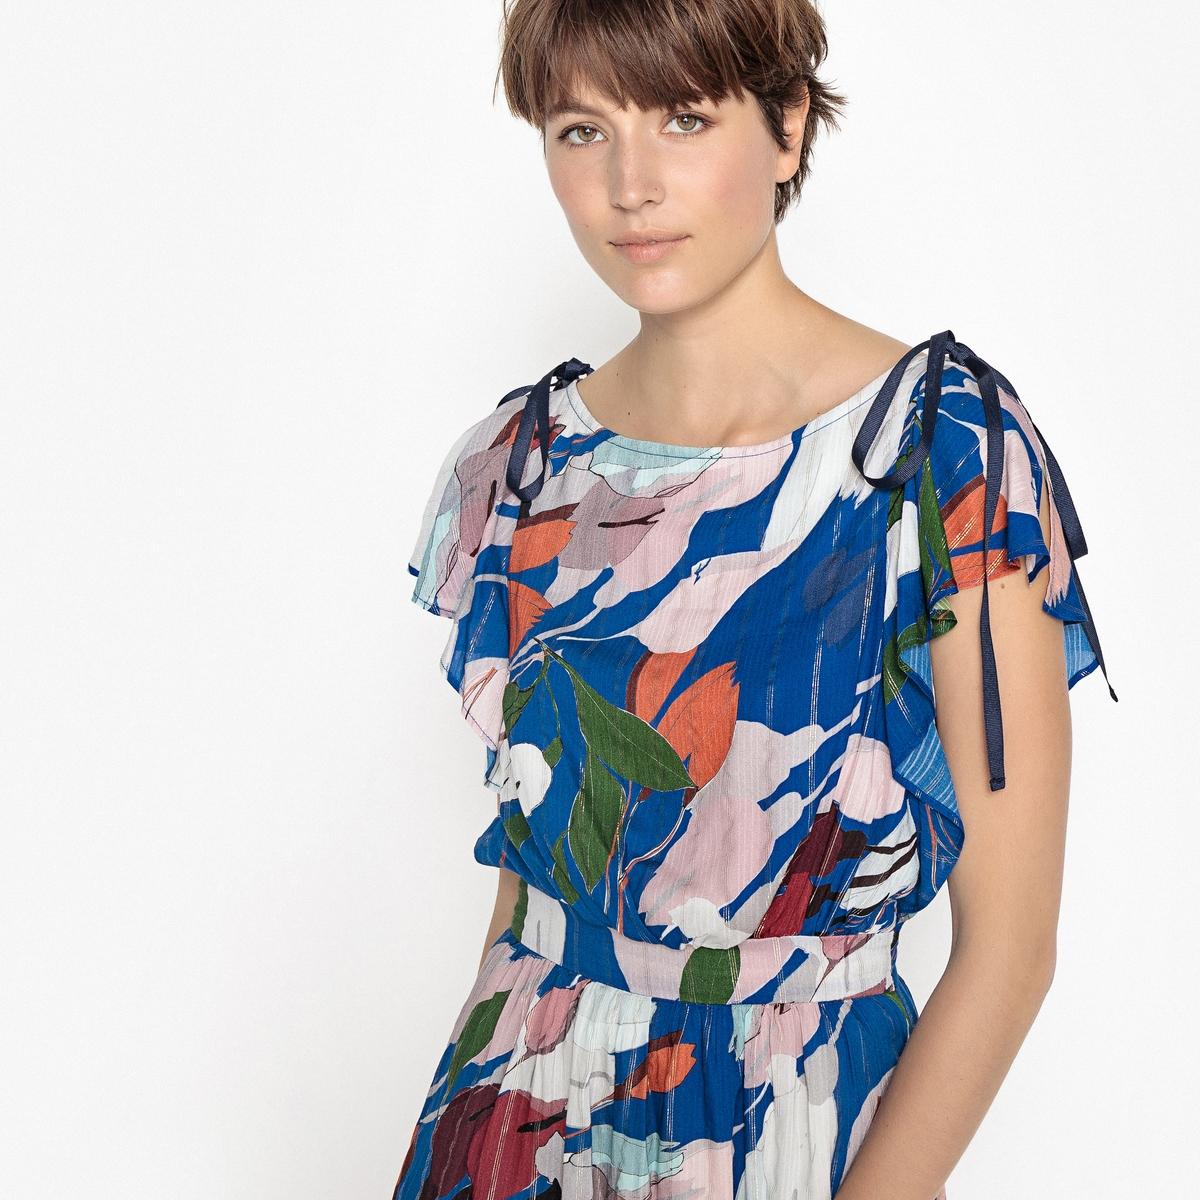 Платье прямое и длинное с цветочным принтом платье длинное из трикотажа с цветочным принтом короткие рукава